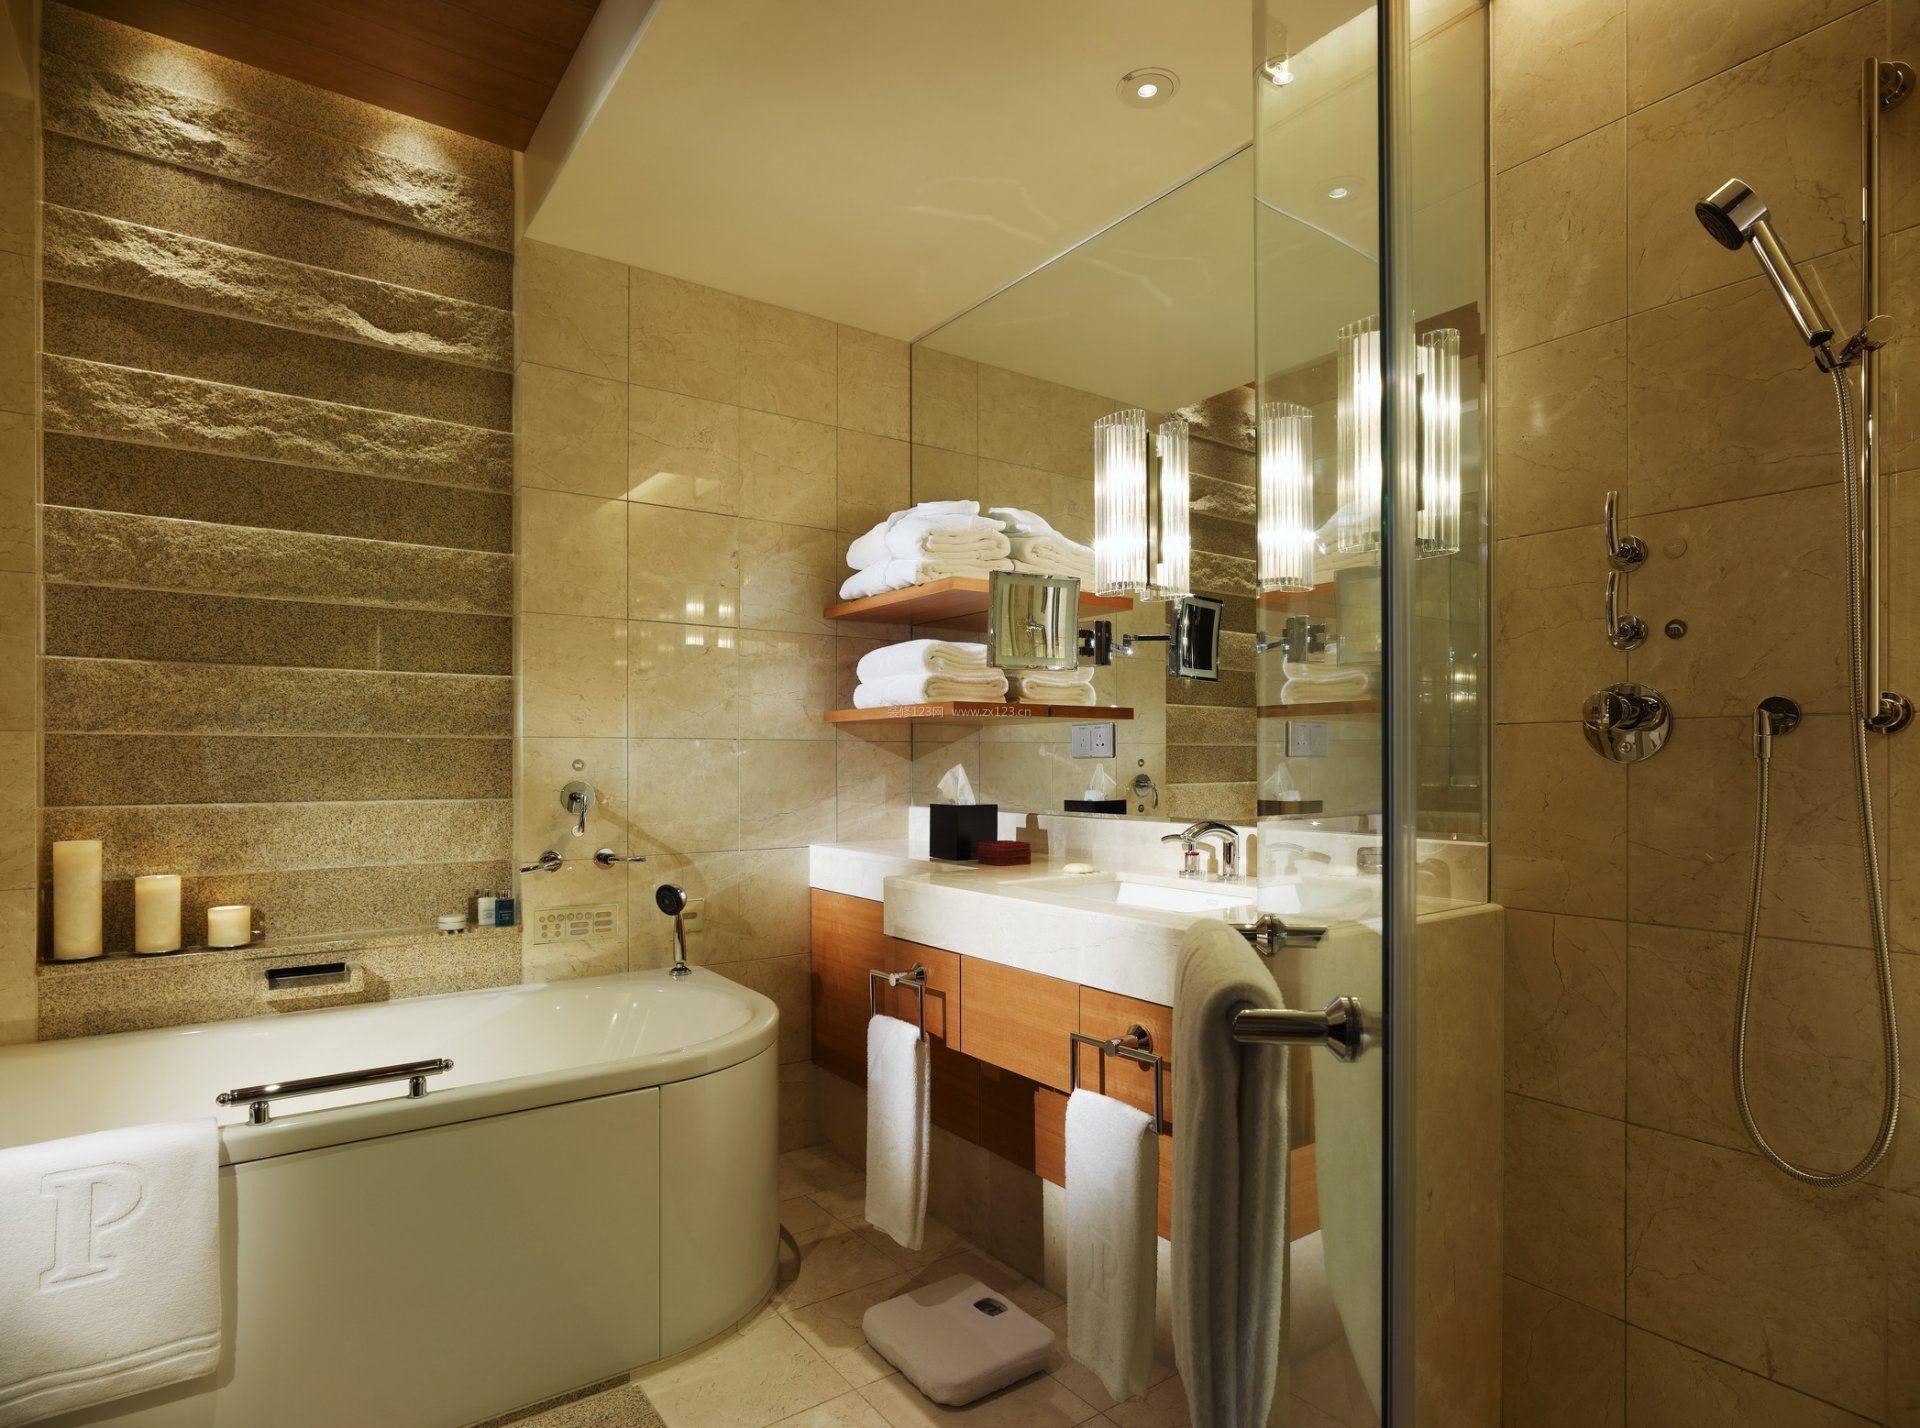 高档酒店室内浴室玻璃门装修效果图片